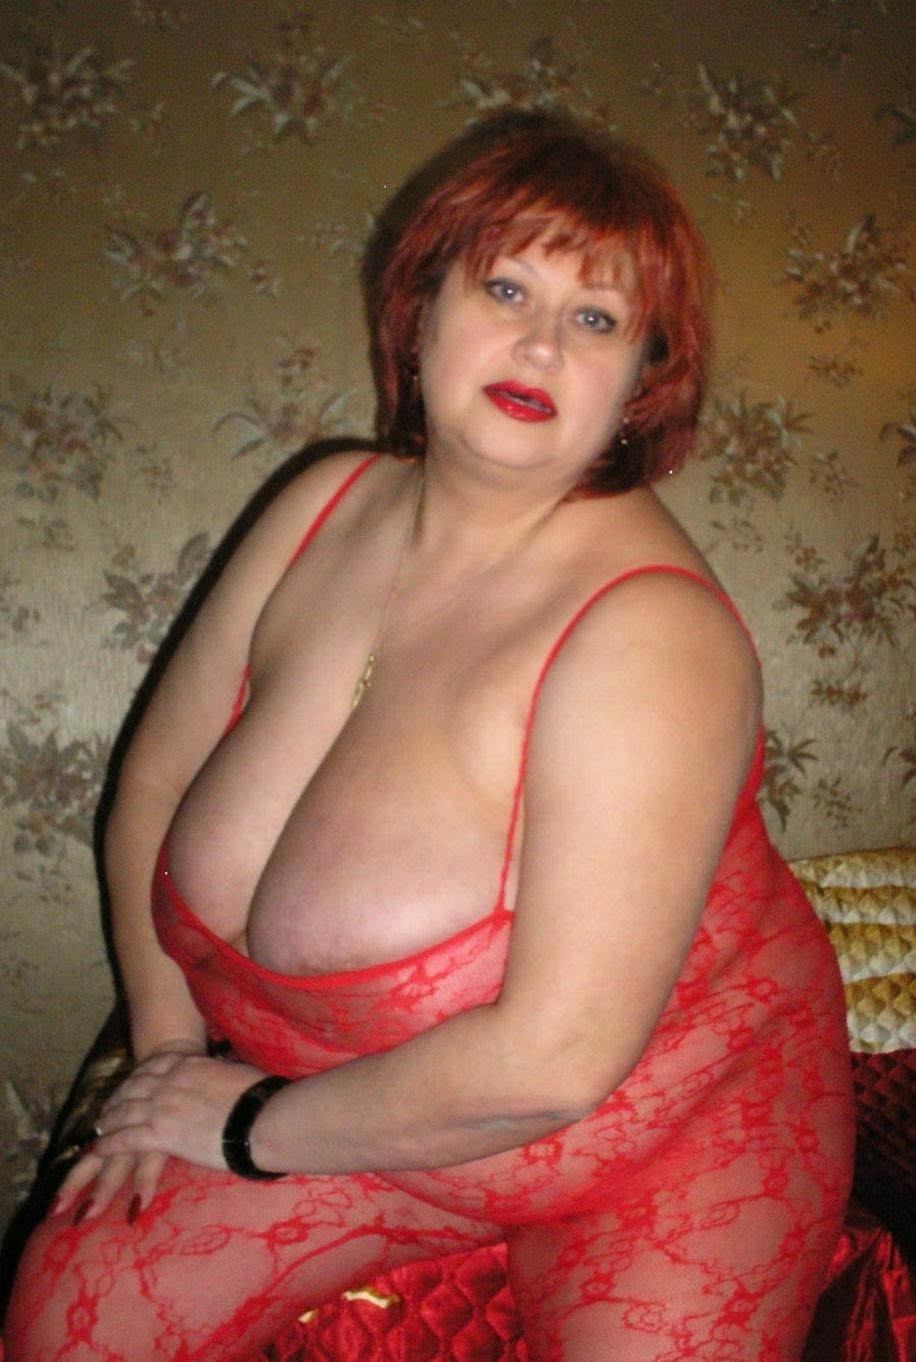 Проститутки полные пышки г москва, все виды кунилингуса фото